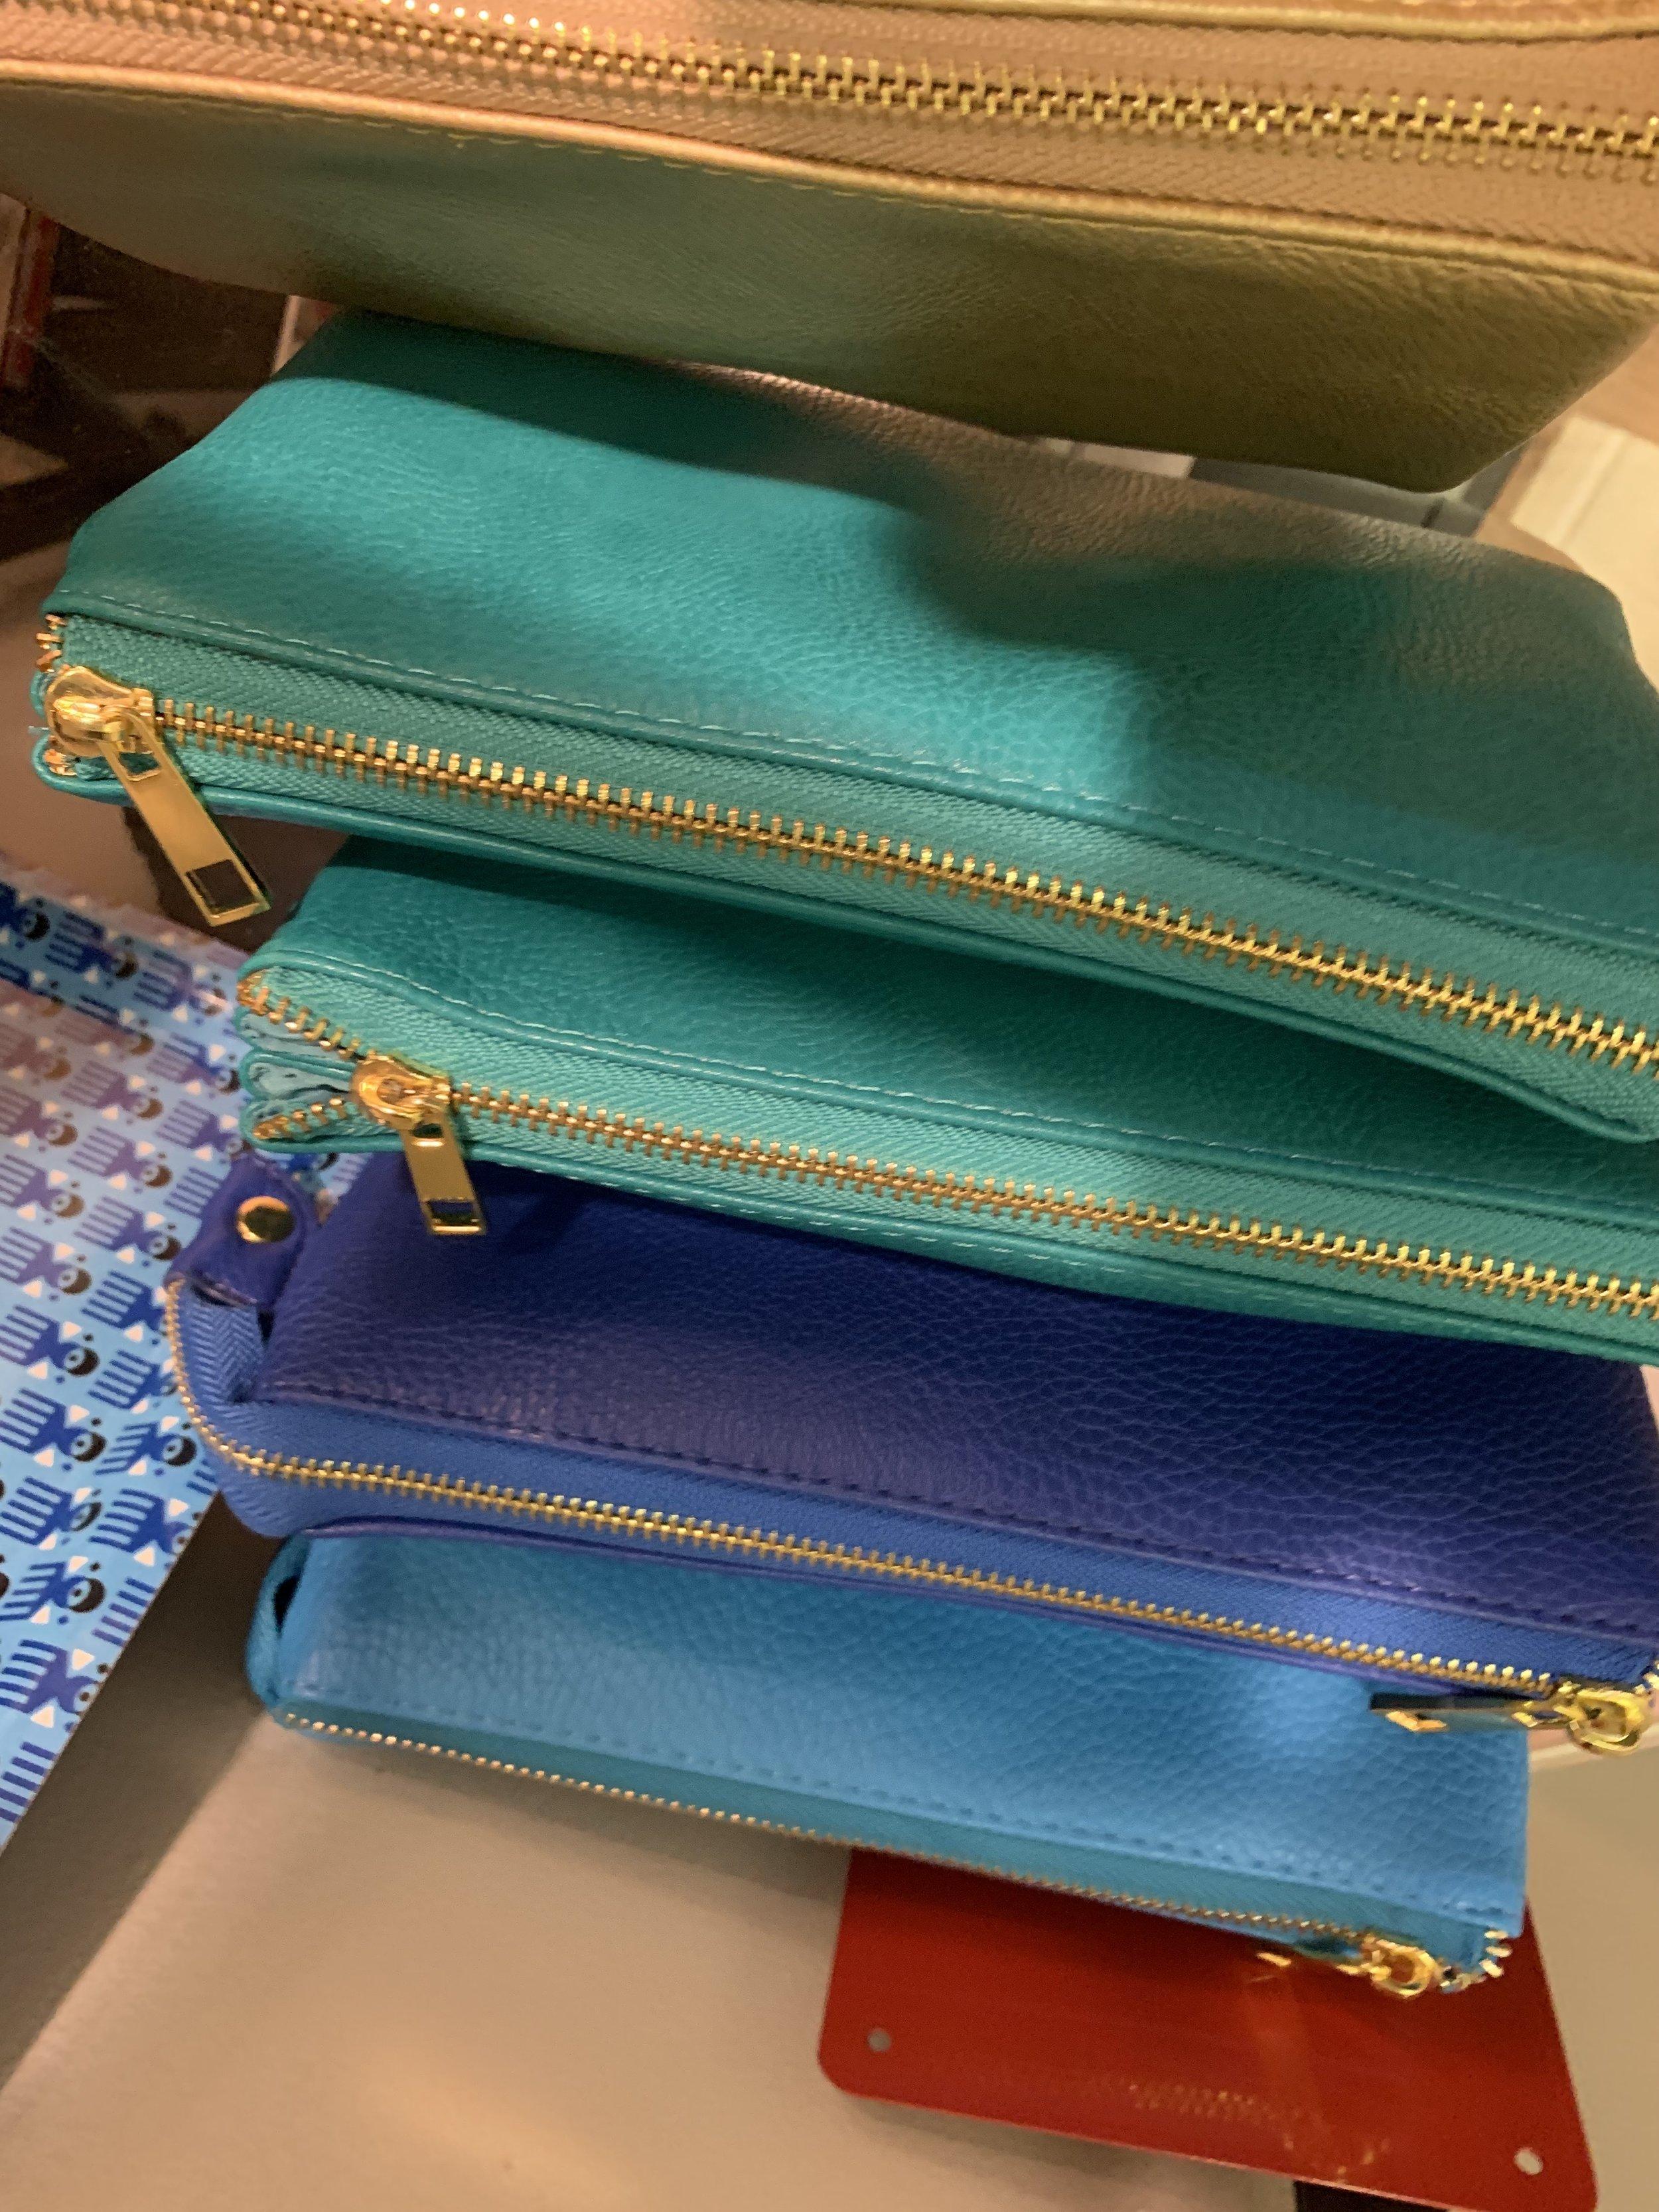 purses2.jpg